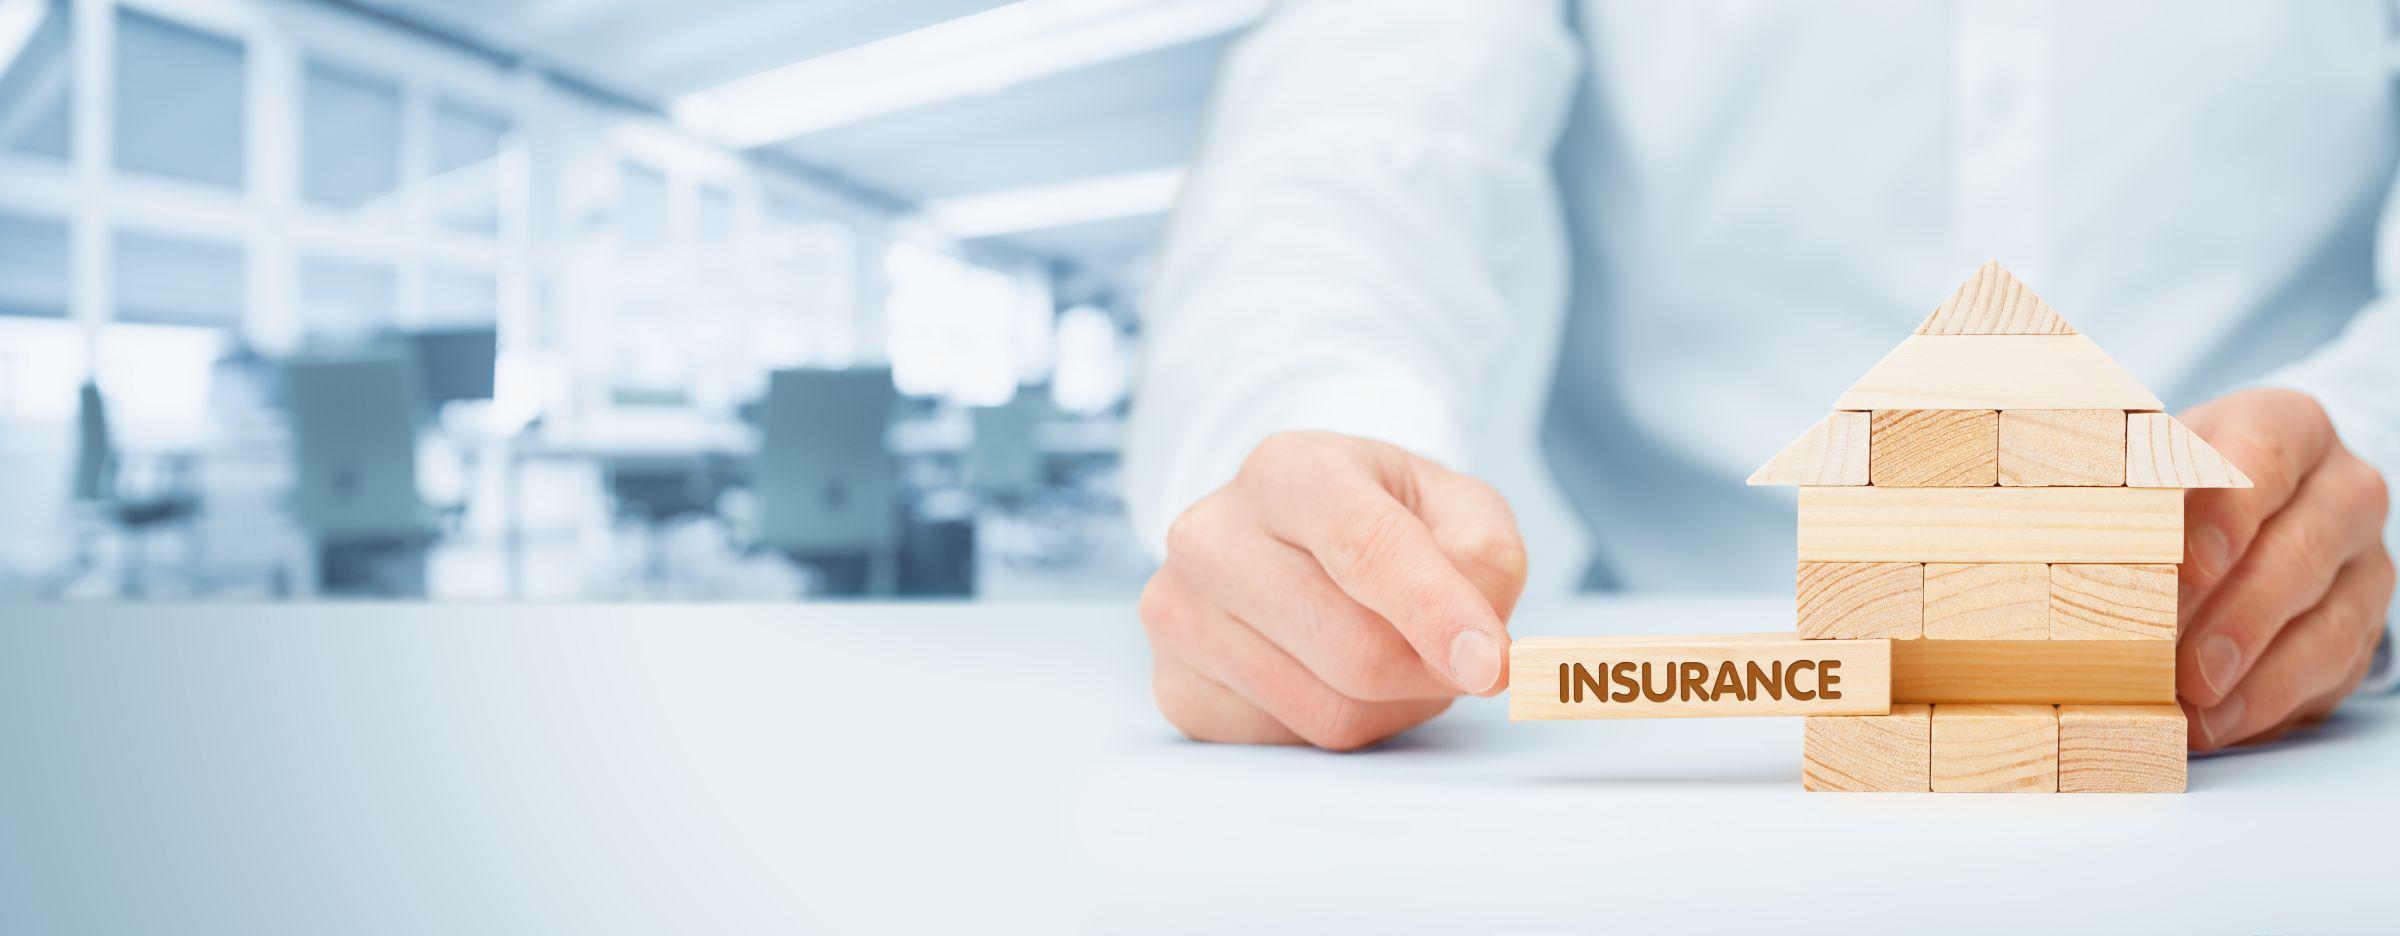 assurance hypothecaire maison